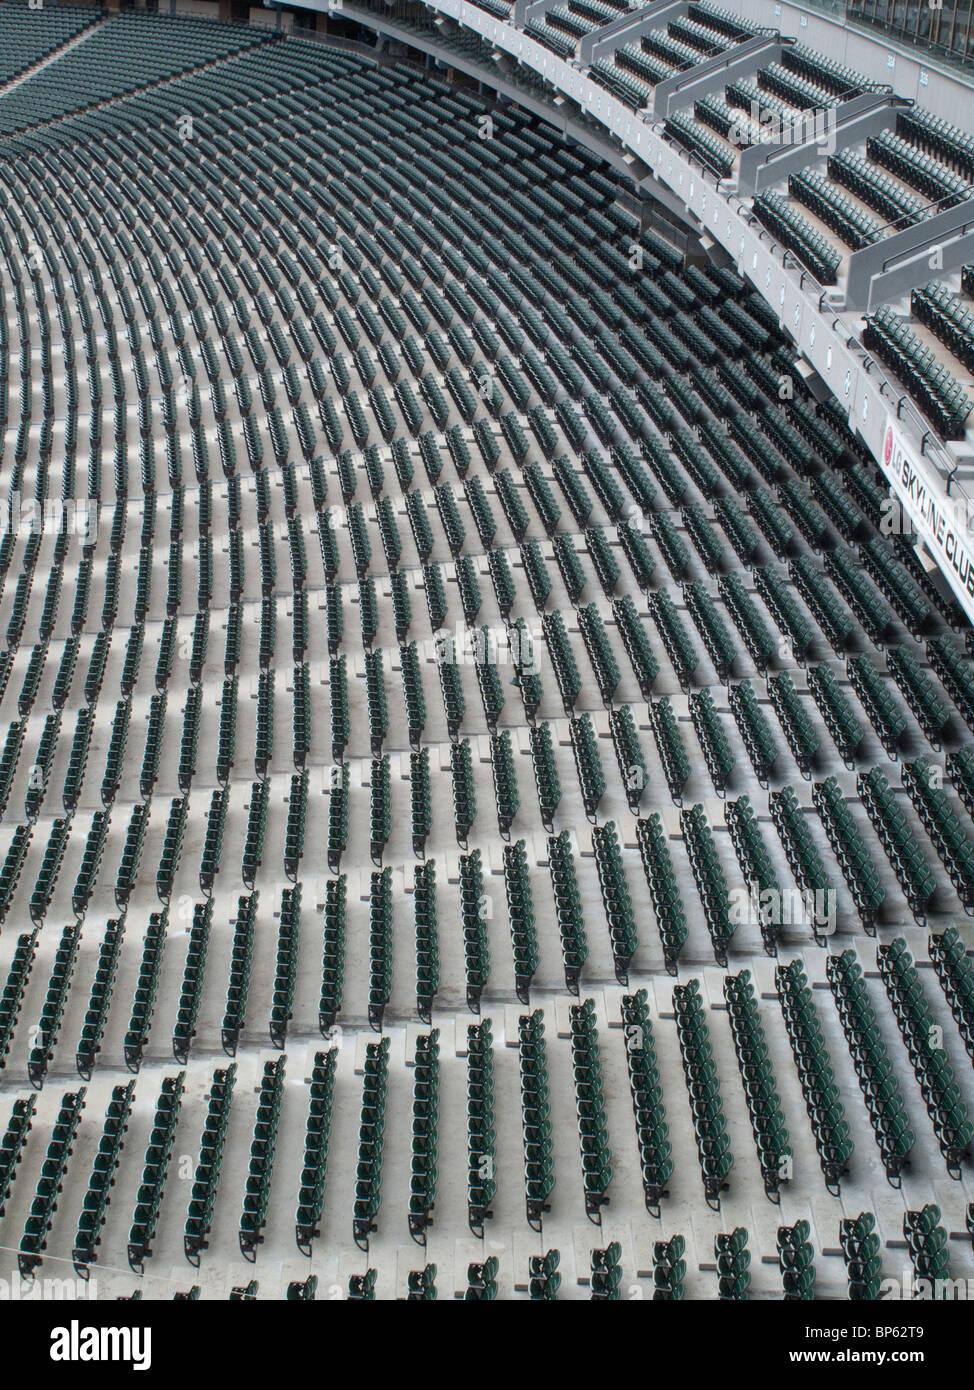 Resumen fotos de asientos del estadio Imagen De Stock